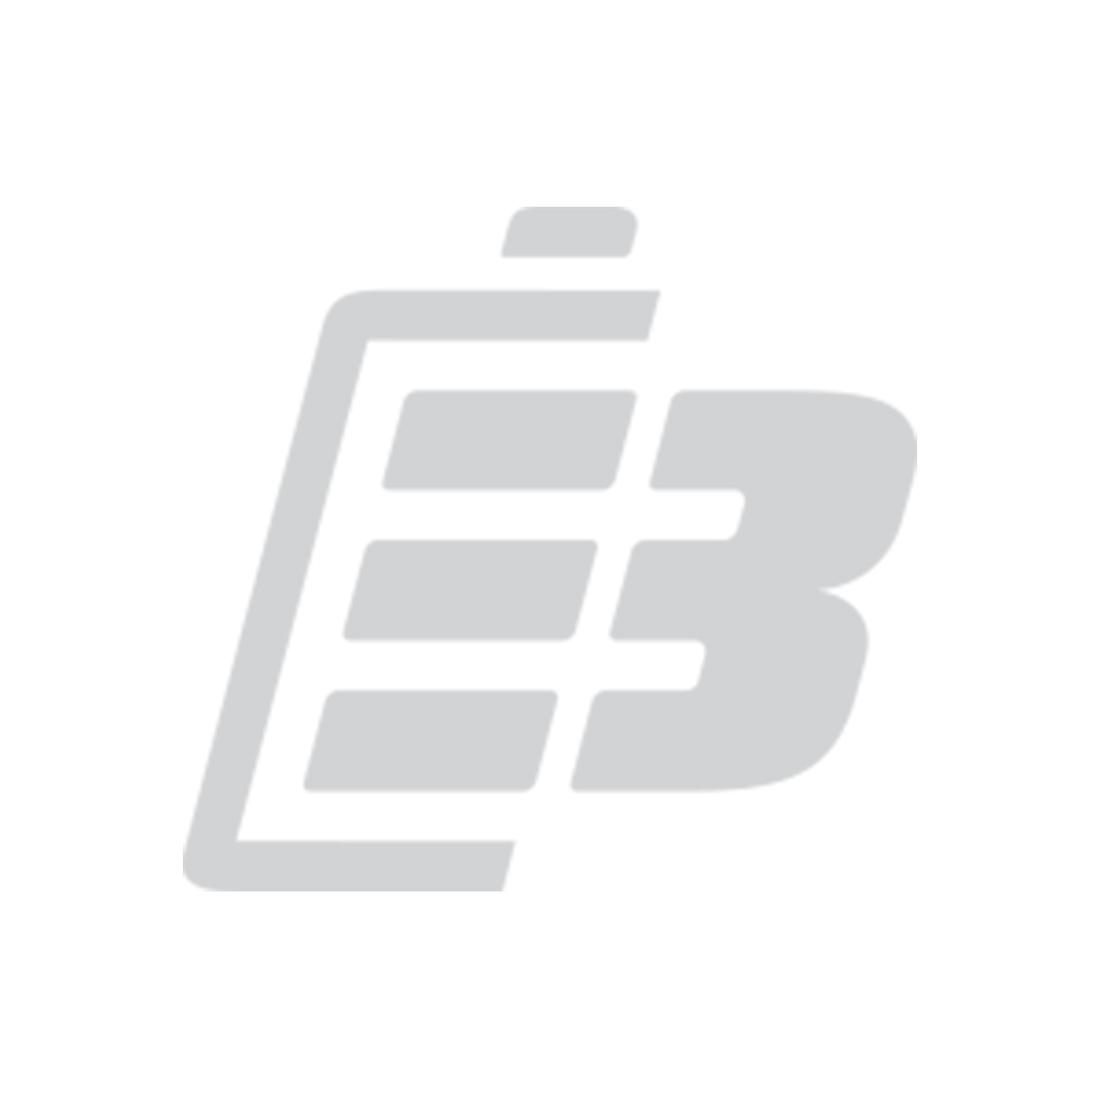 Μπαταρια Fenix ARB-L18-3500 18650 3500mAh 1